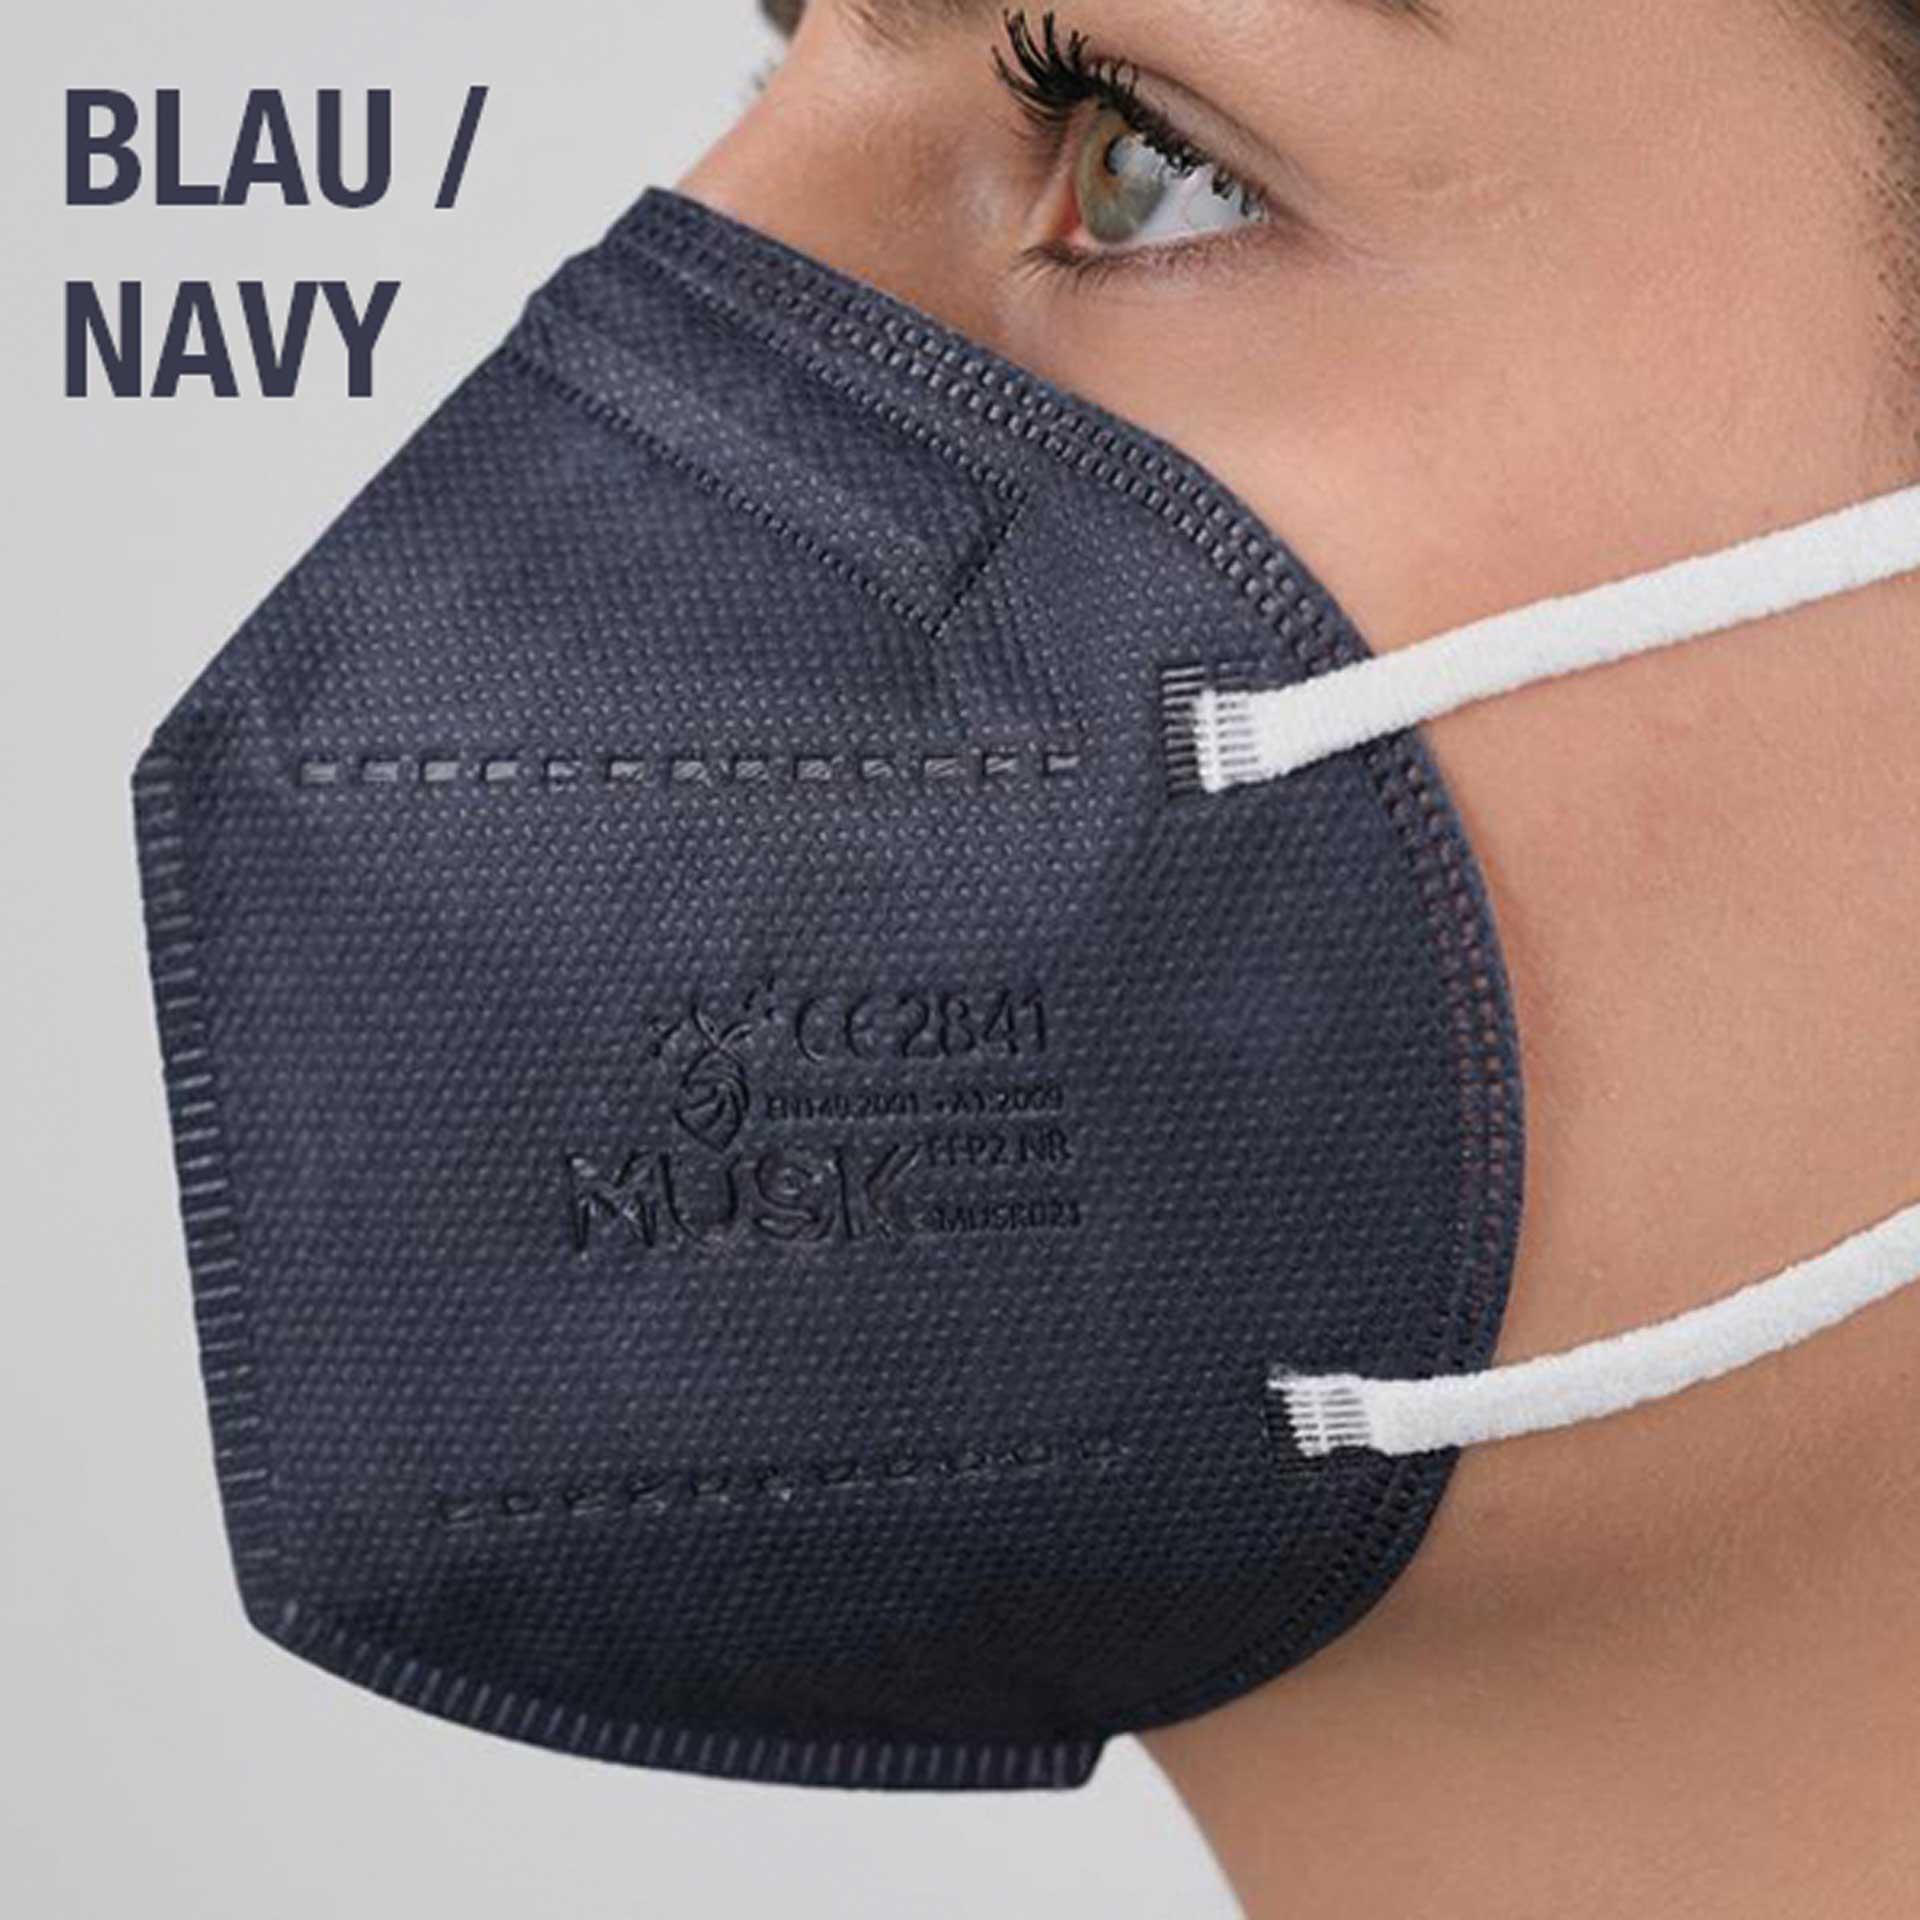 R&G Atemschutzmaske BLAU, FFP2 NR, Packung/ 1 St.